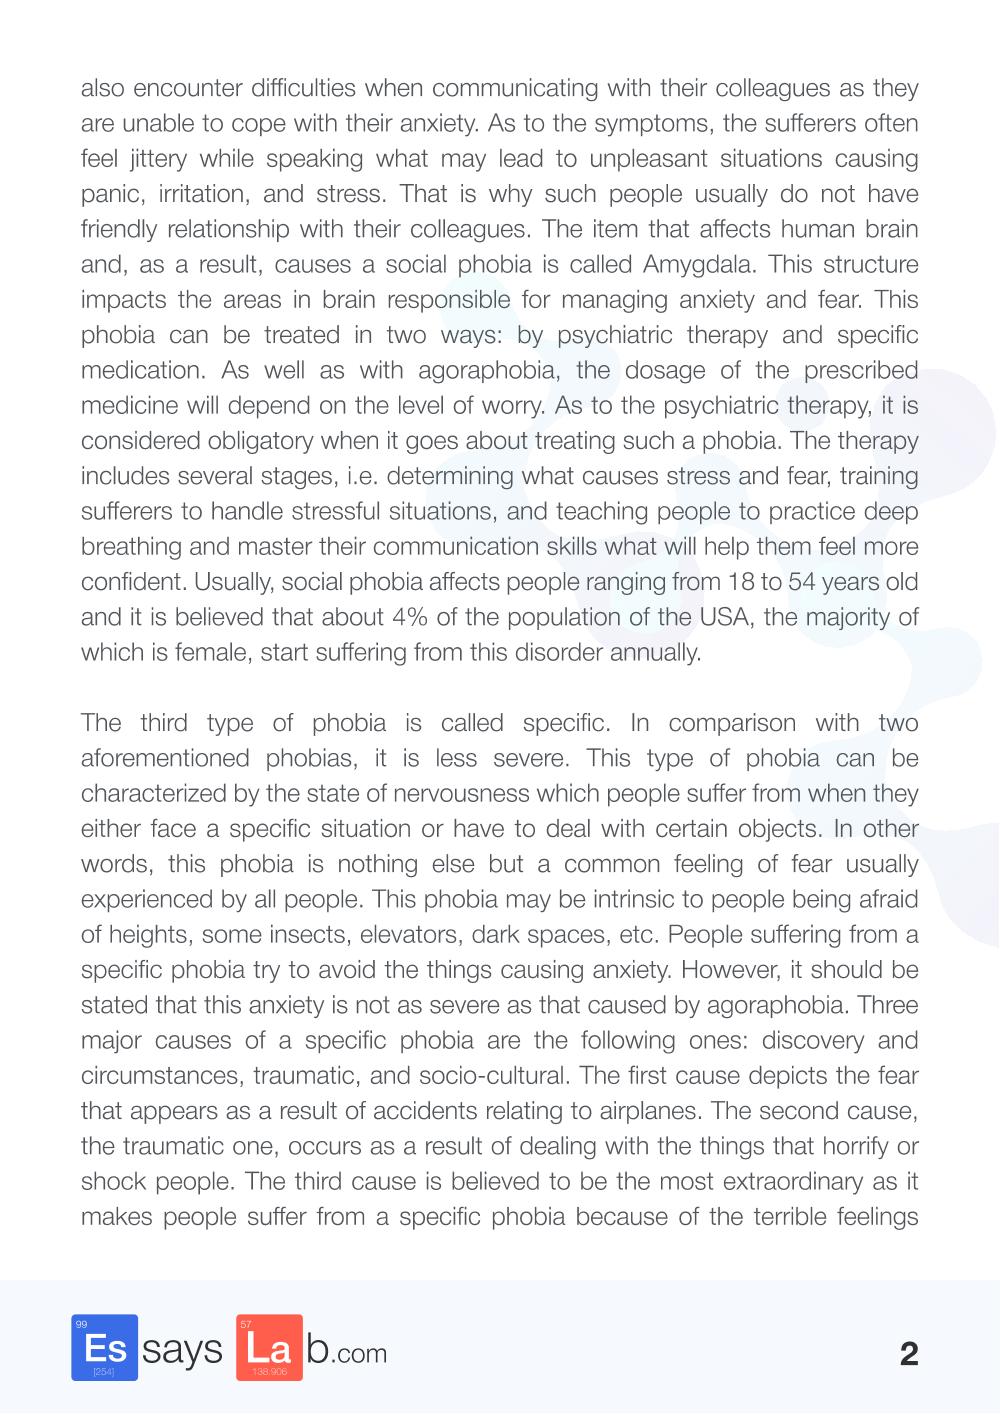 An essay on an interpretation